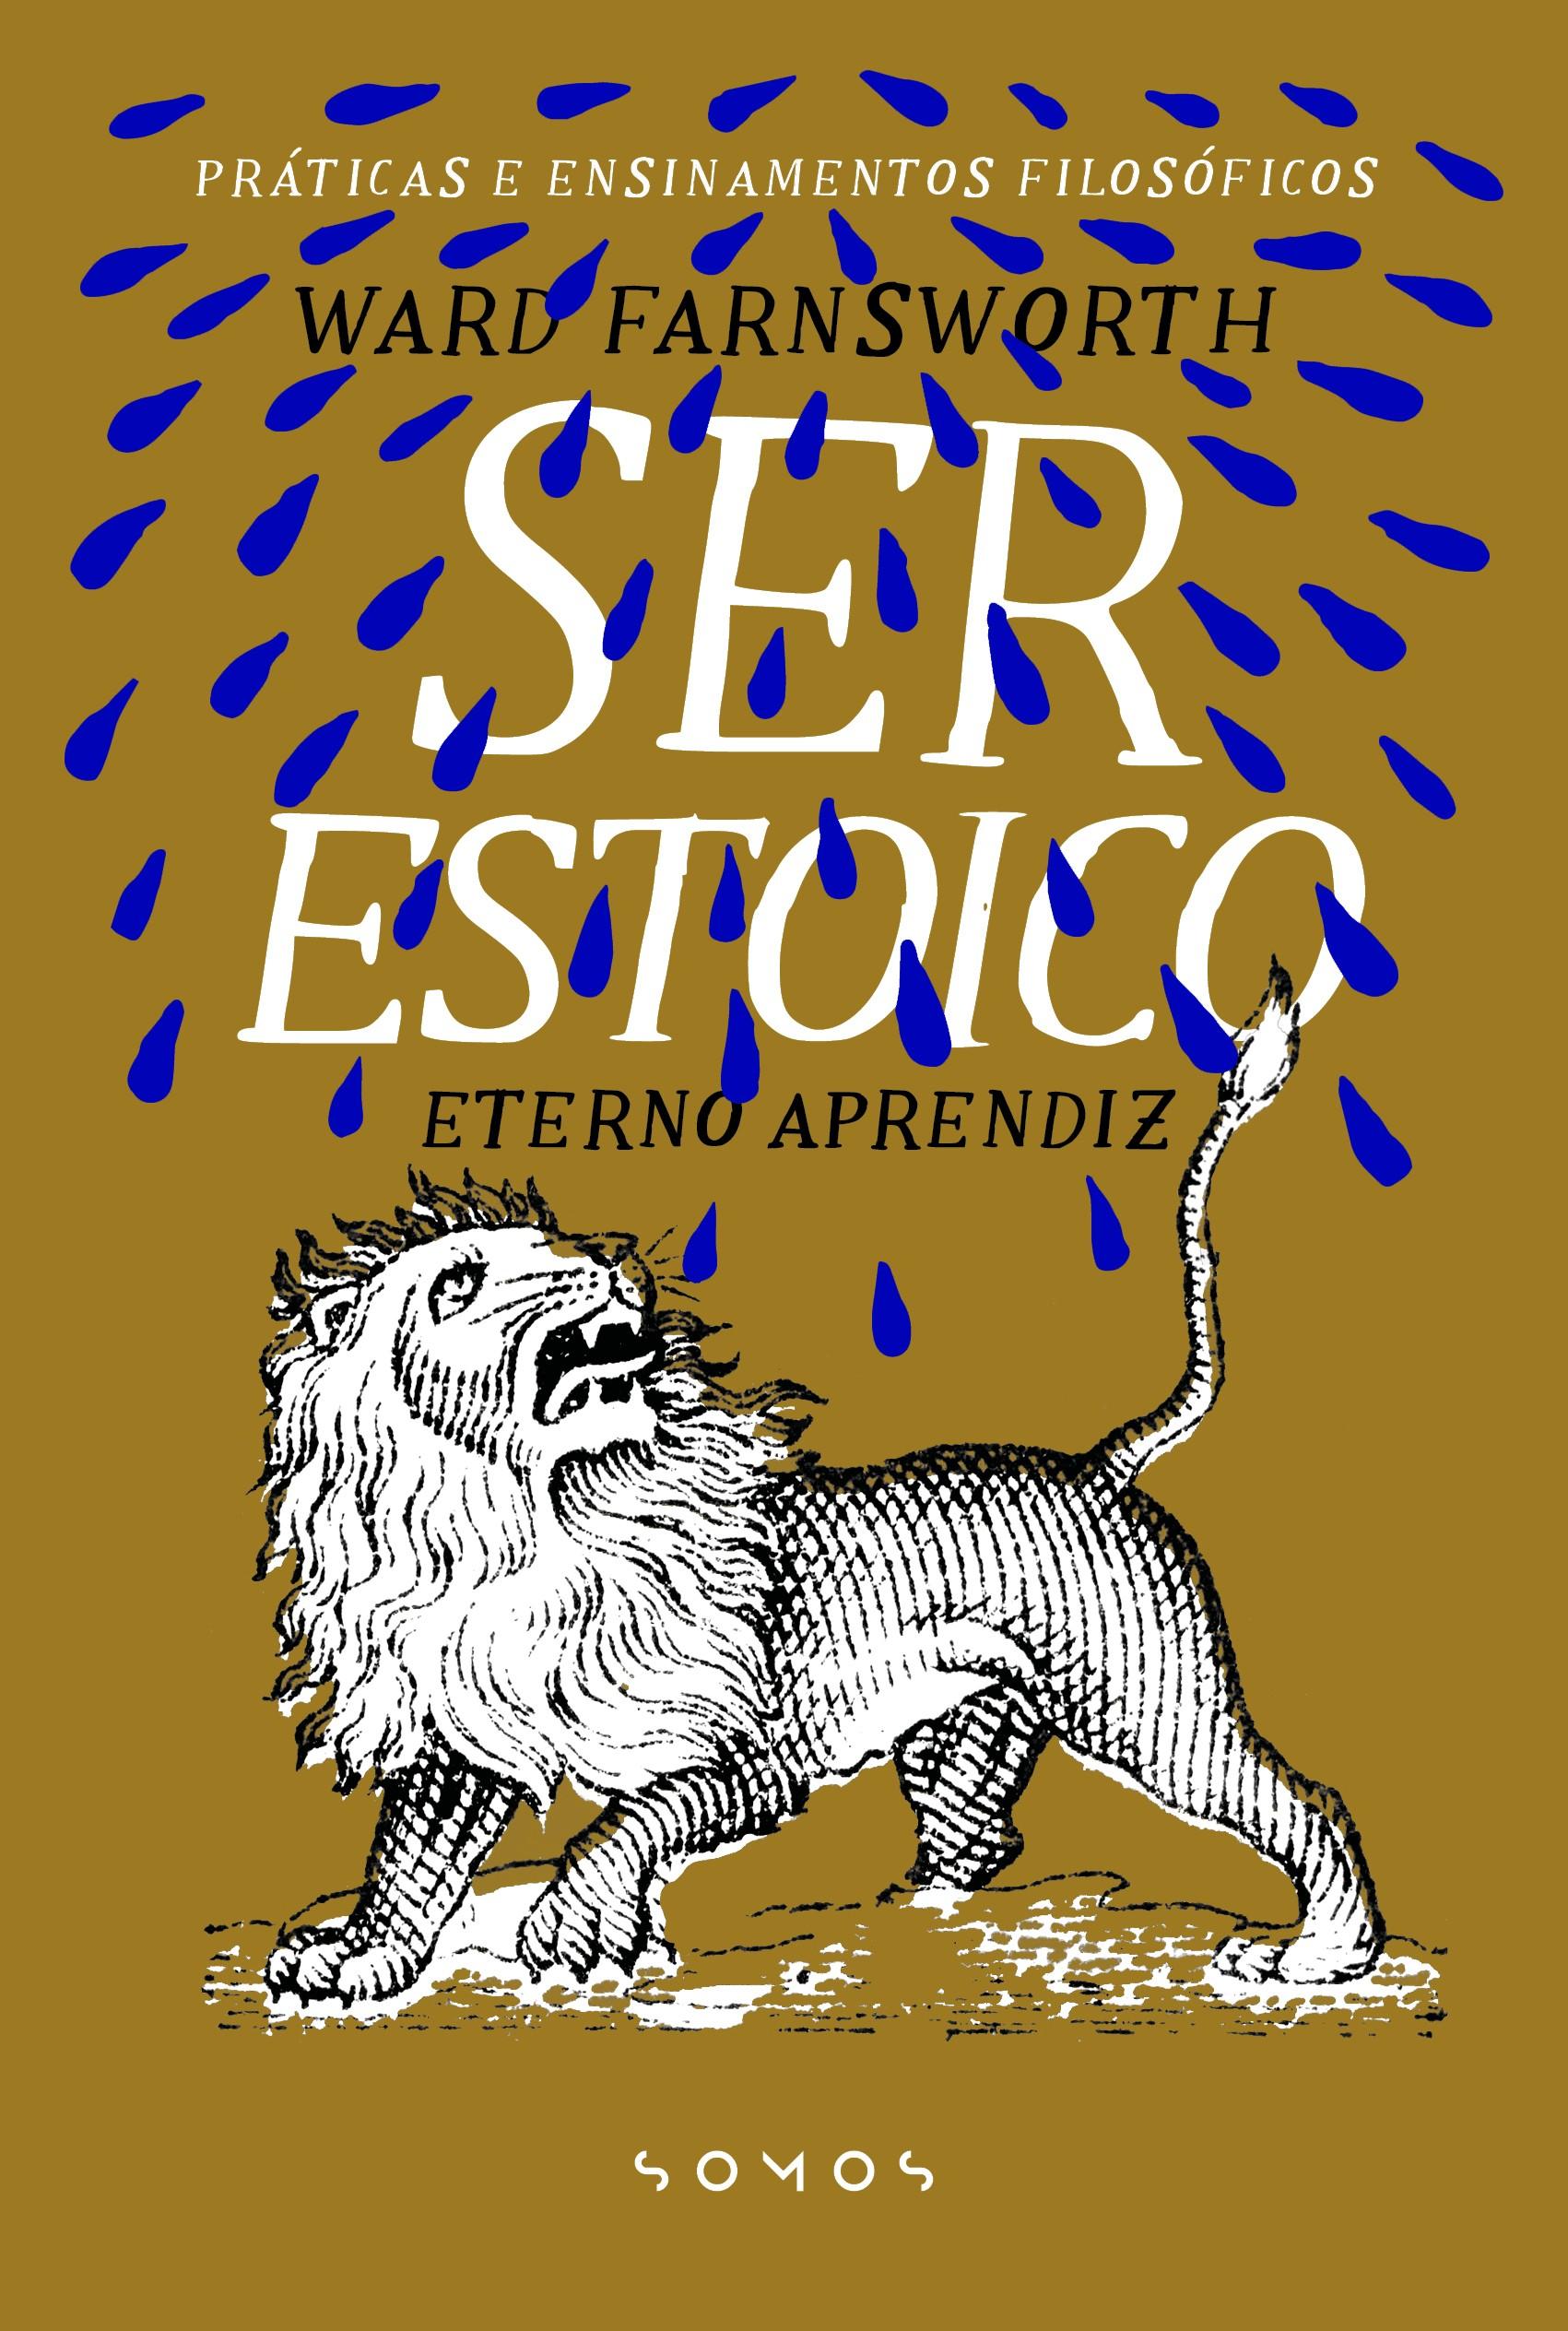 """""""Ser Estoico"""", de Ward Farnsworth, e """"O pequeno manual prático do estoicismo"""", de Jonas Salzgeber, é um dos sete lançamentos de estreia da editora (Foto: Reprodução)"""